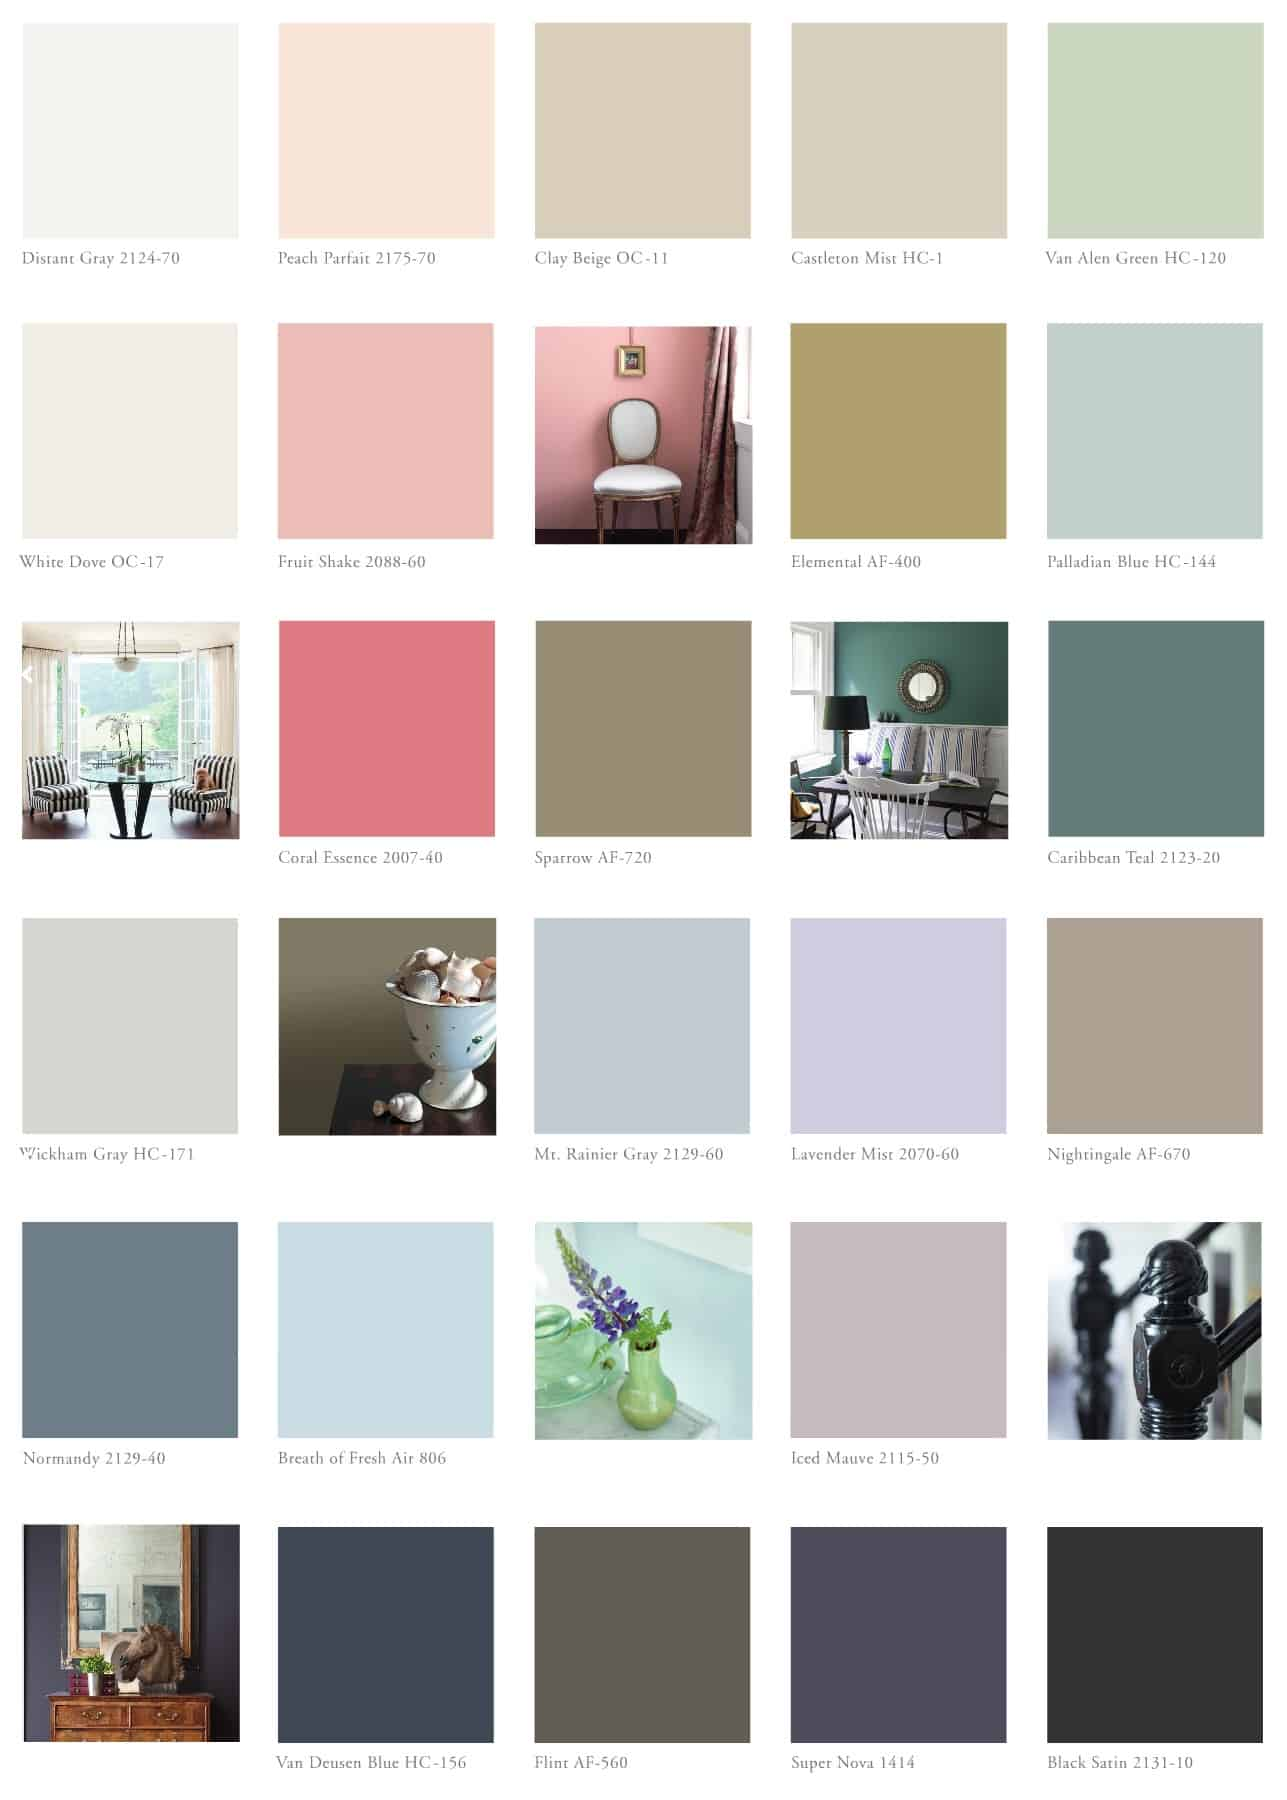 Nueva paleta de colores benjamin moore 2014 - Paleta de colores pared ...